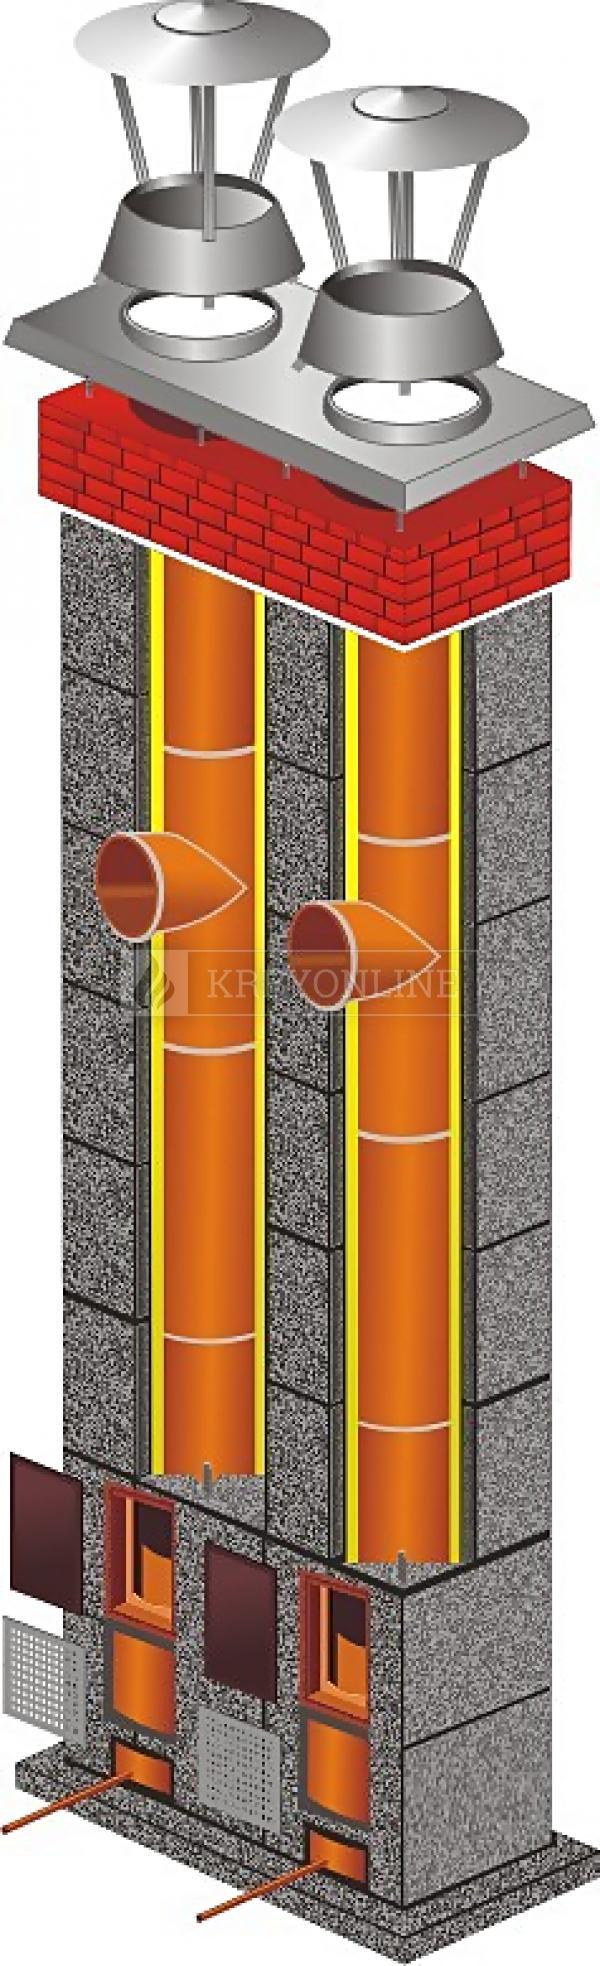 Stadreko - Dvojprieduchový komínový systém s vatou Ø 200 / Ø 180 krbyonline